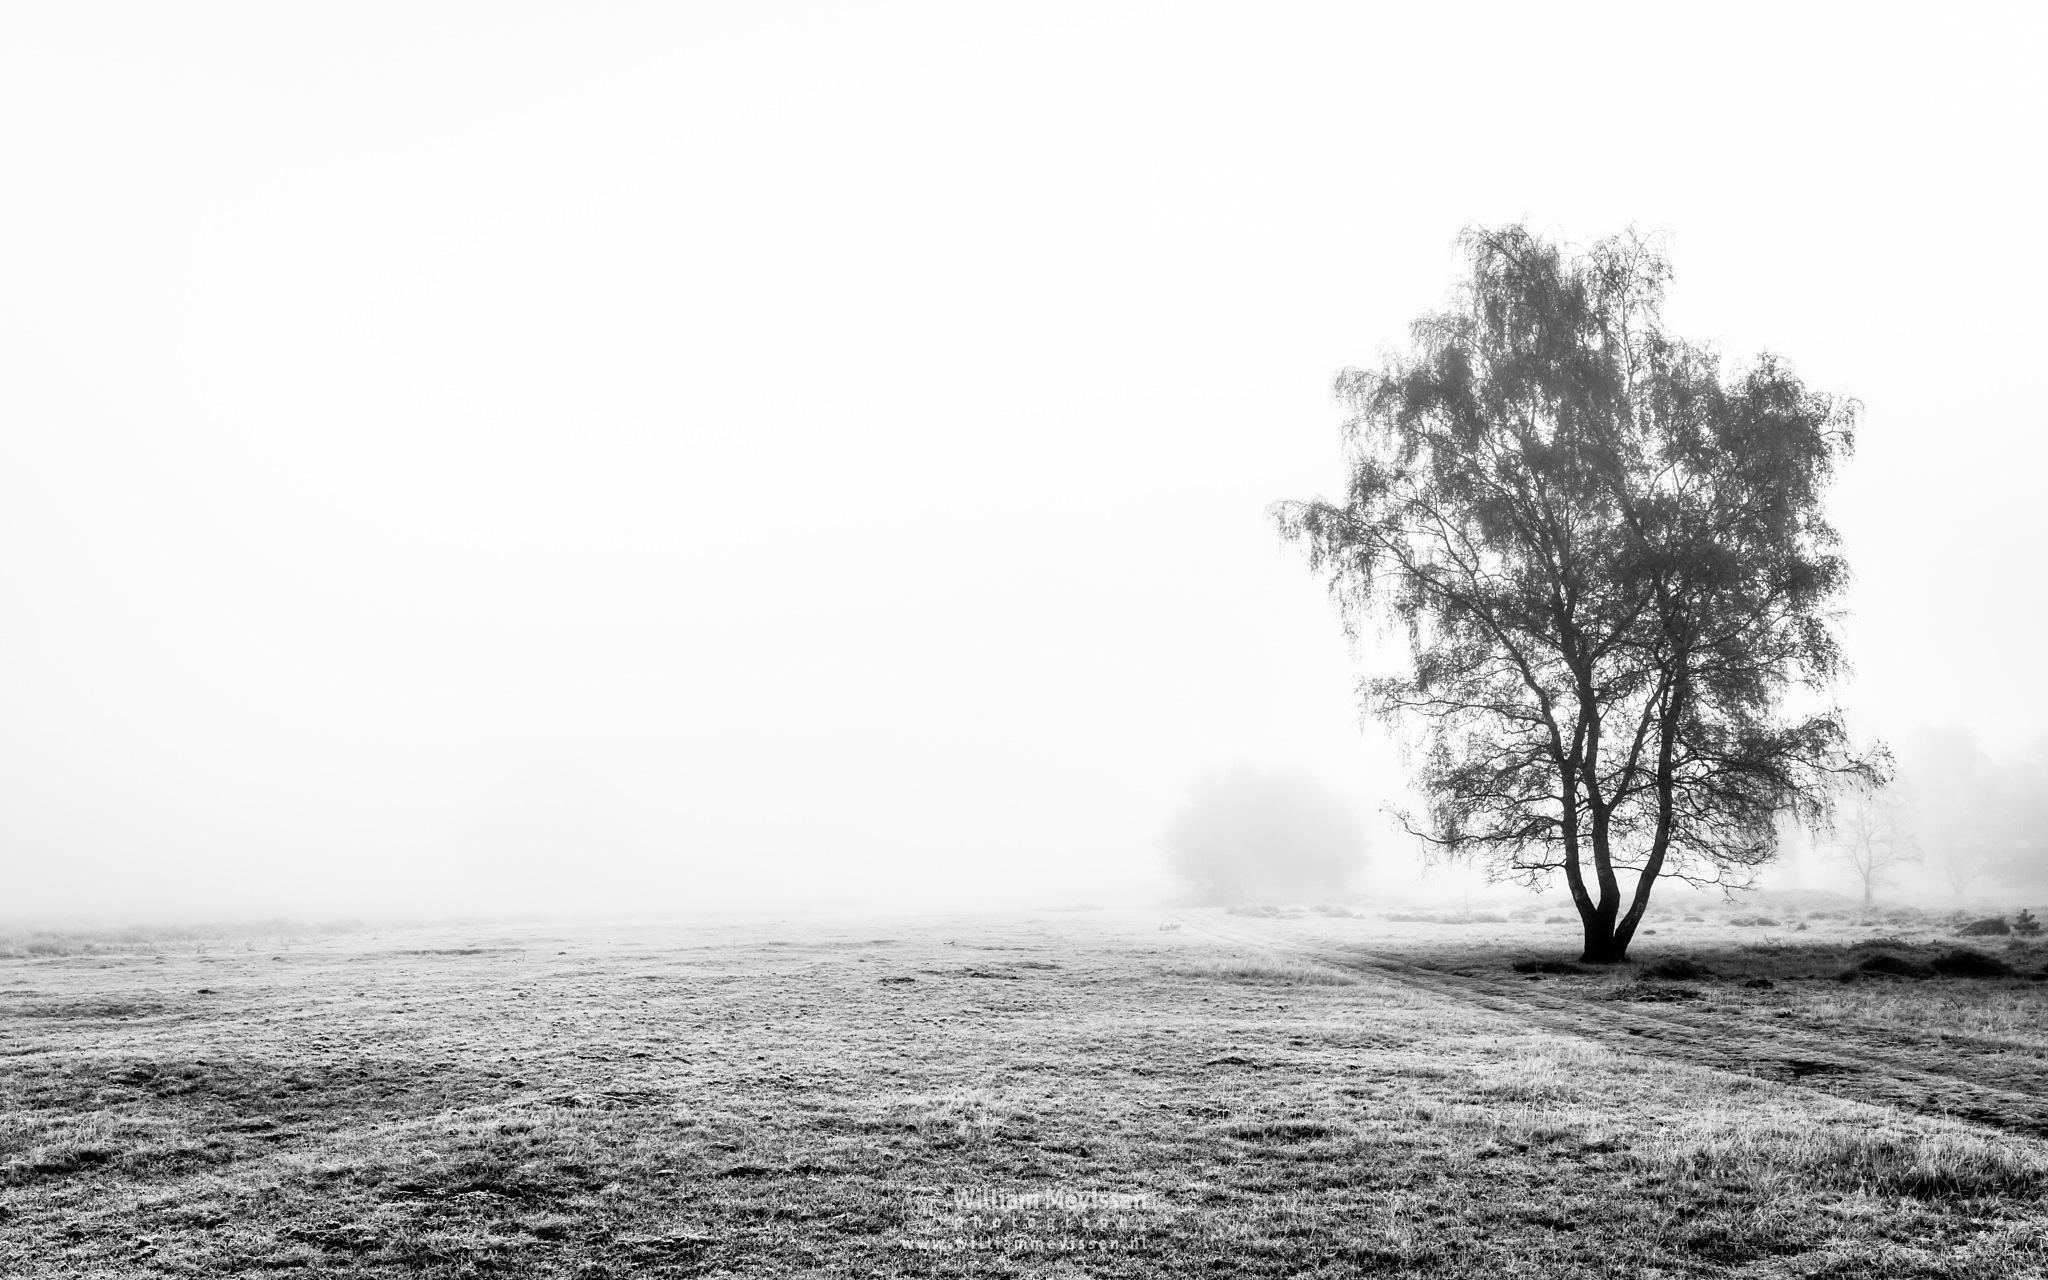 Misty Silhouettes Bergerheide by William Mevissen